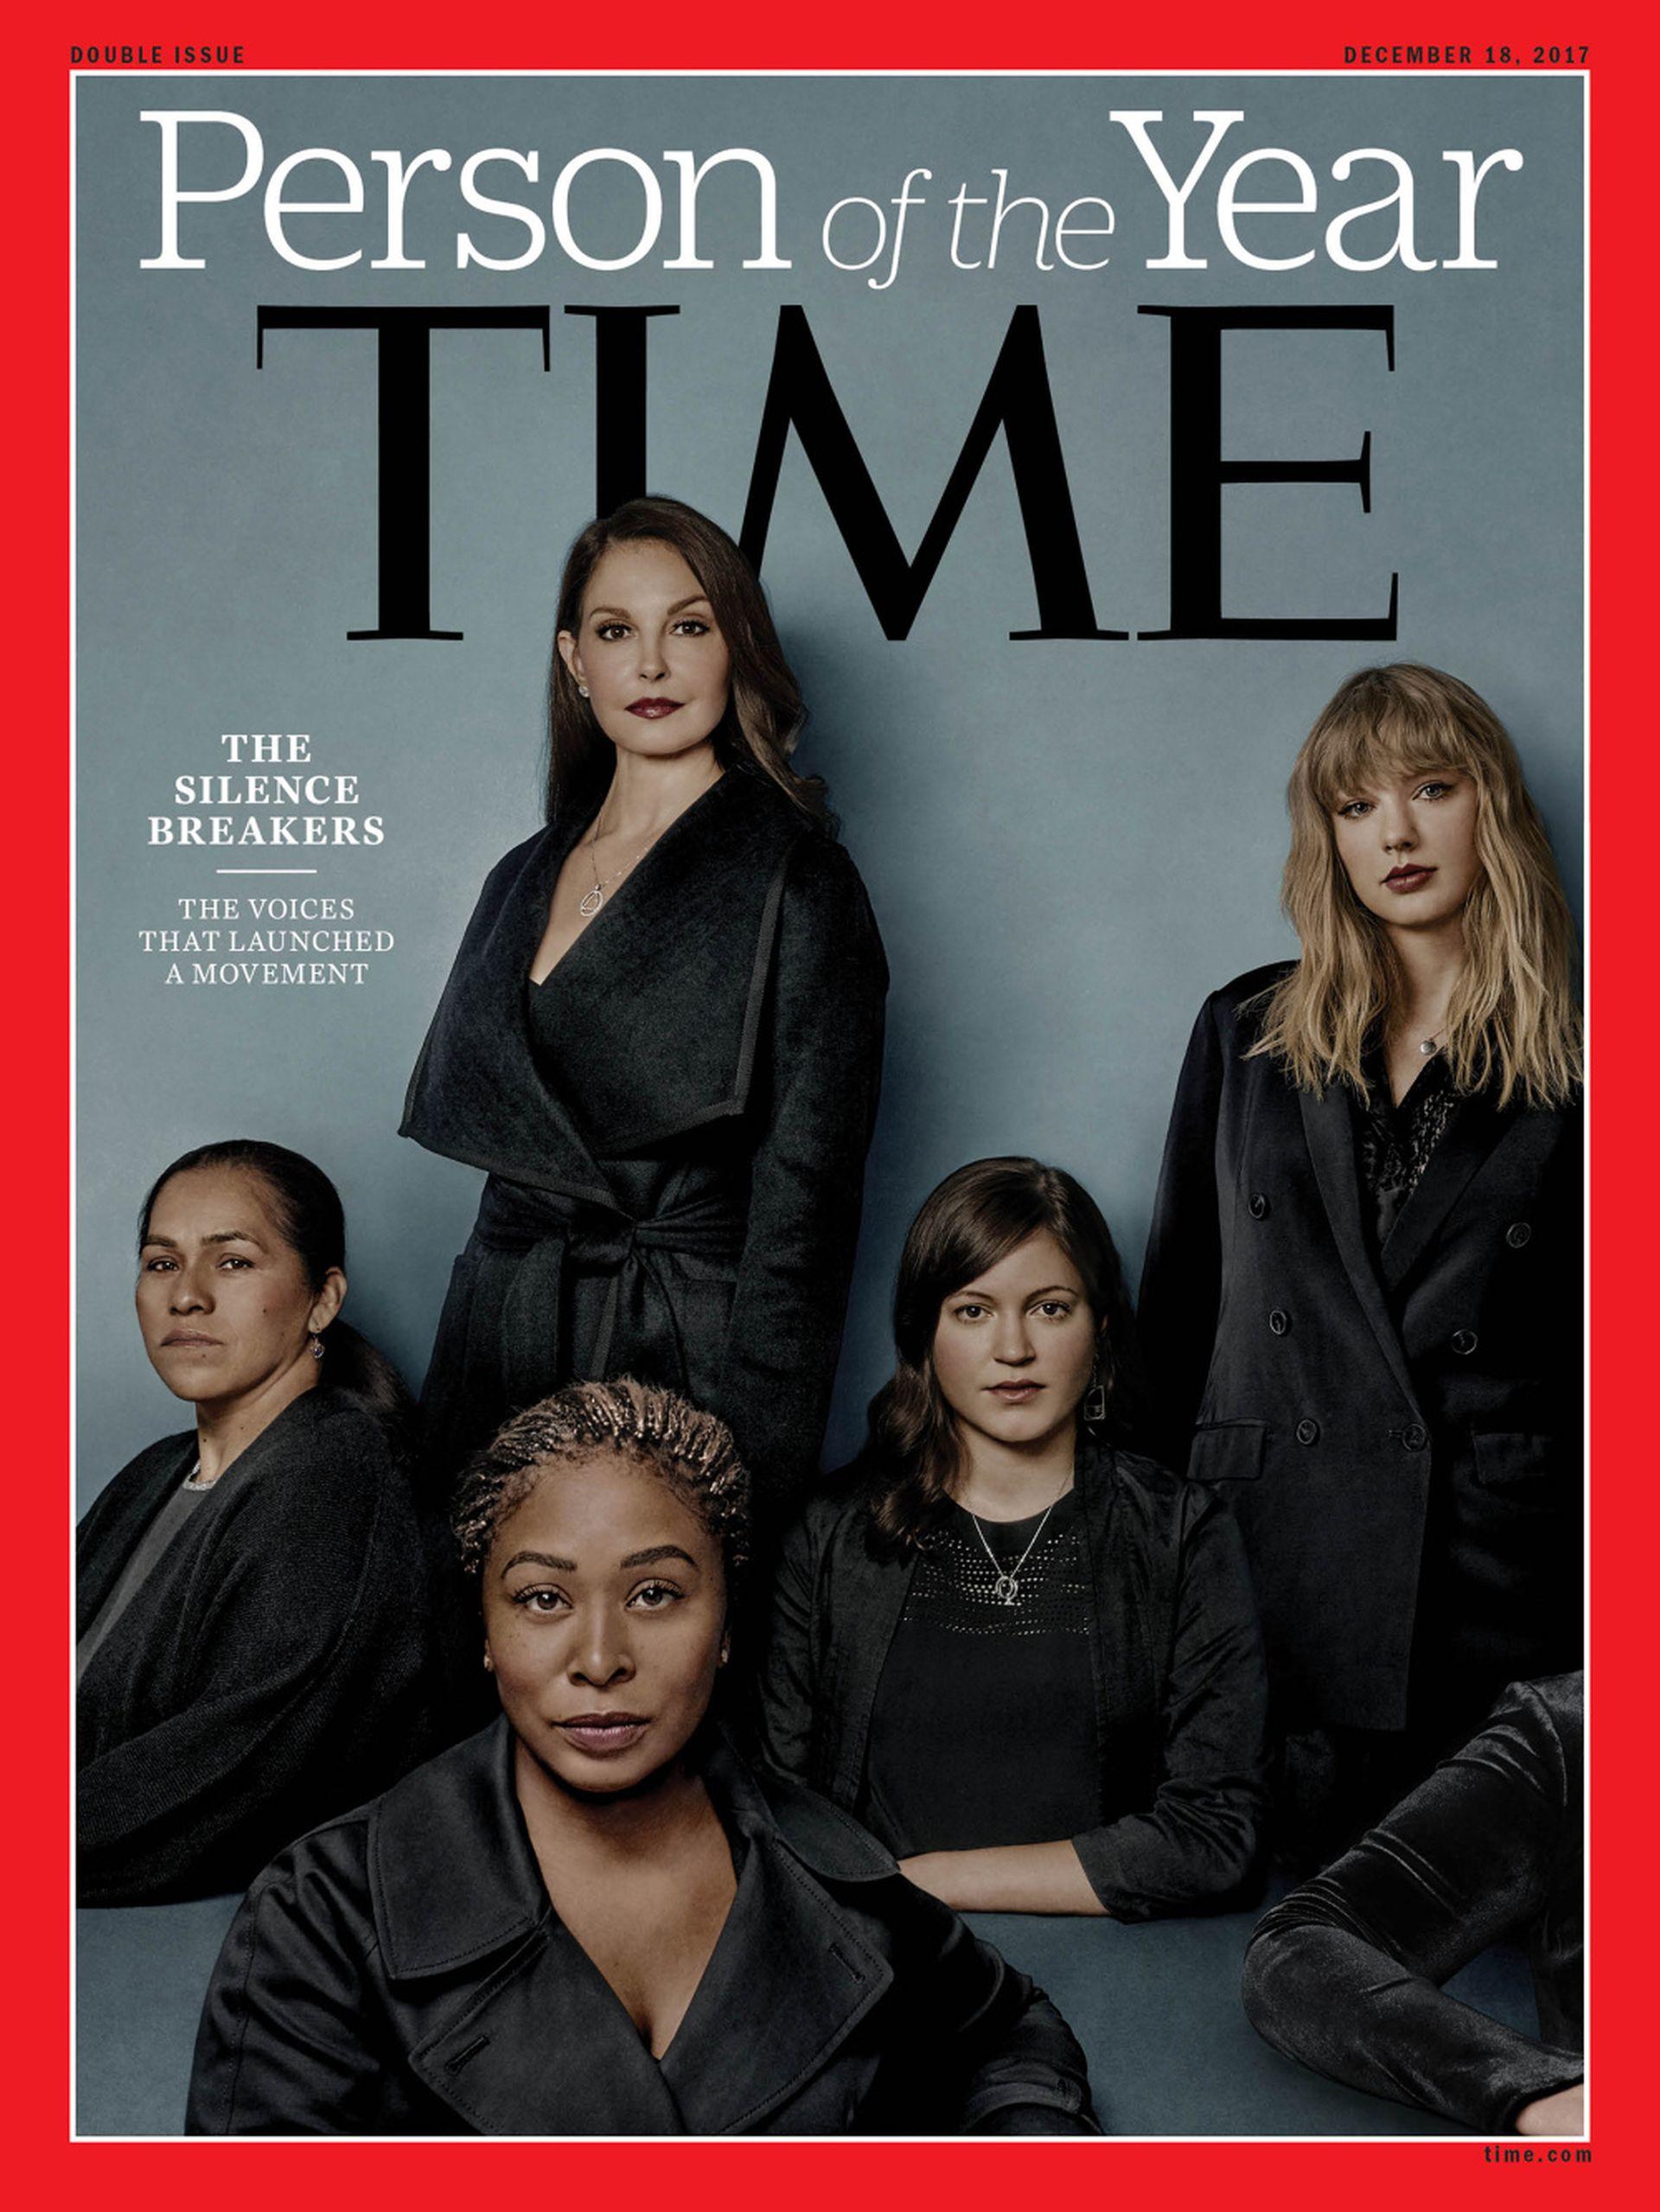 TIME 'Osoba godine' žene koje su progovorile o seksualnom zlostavljanju